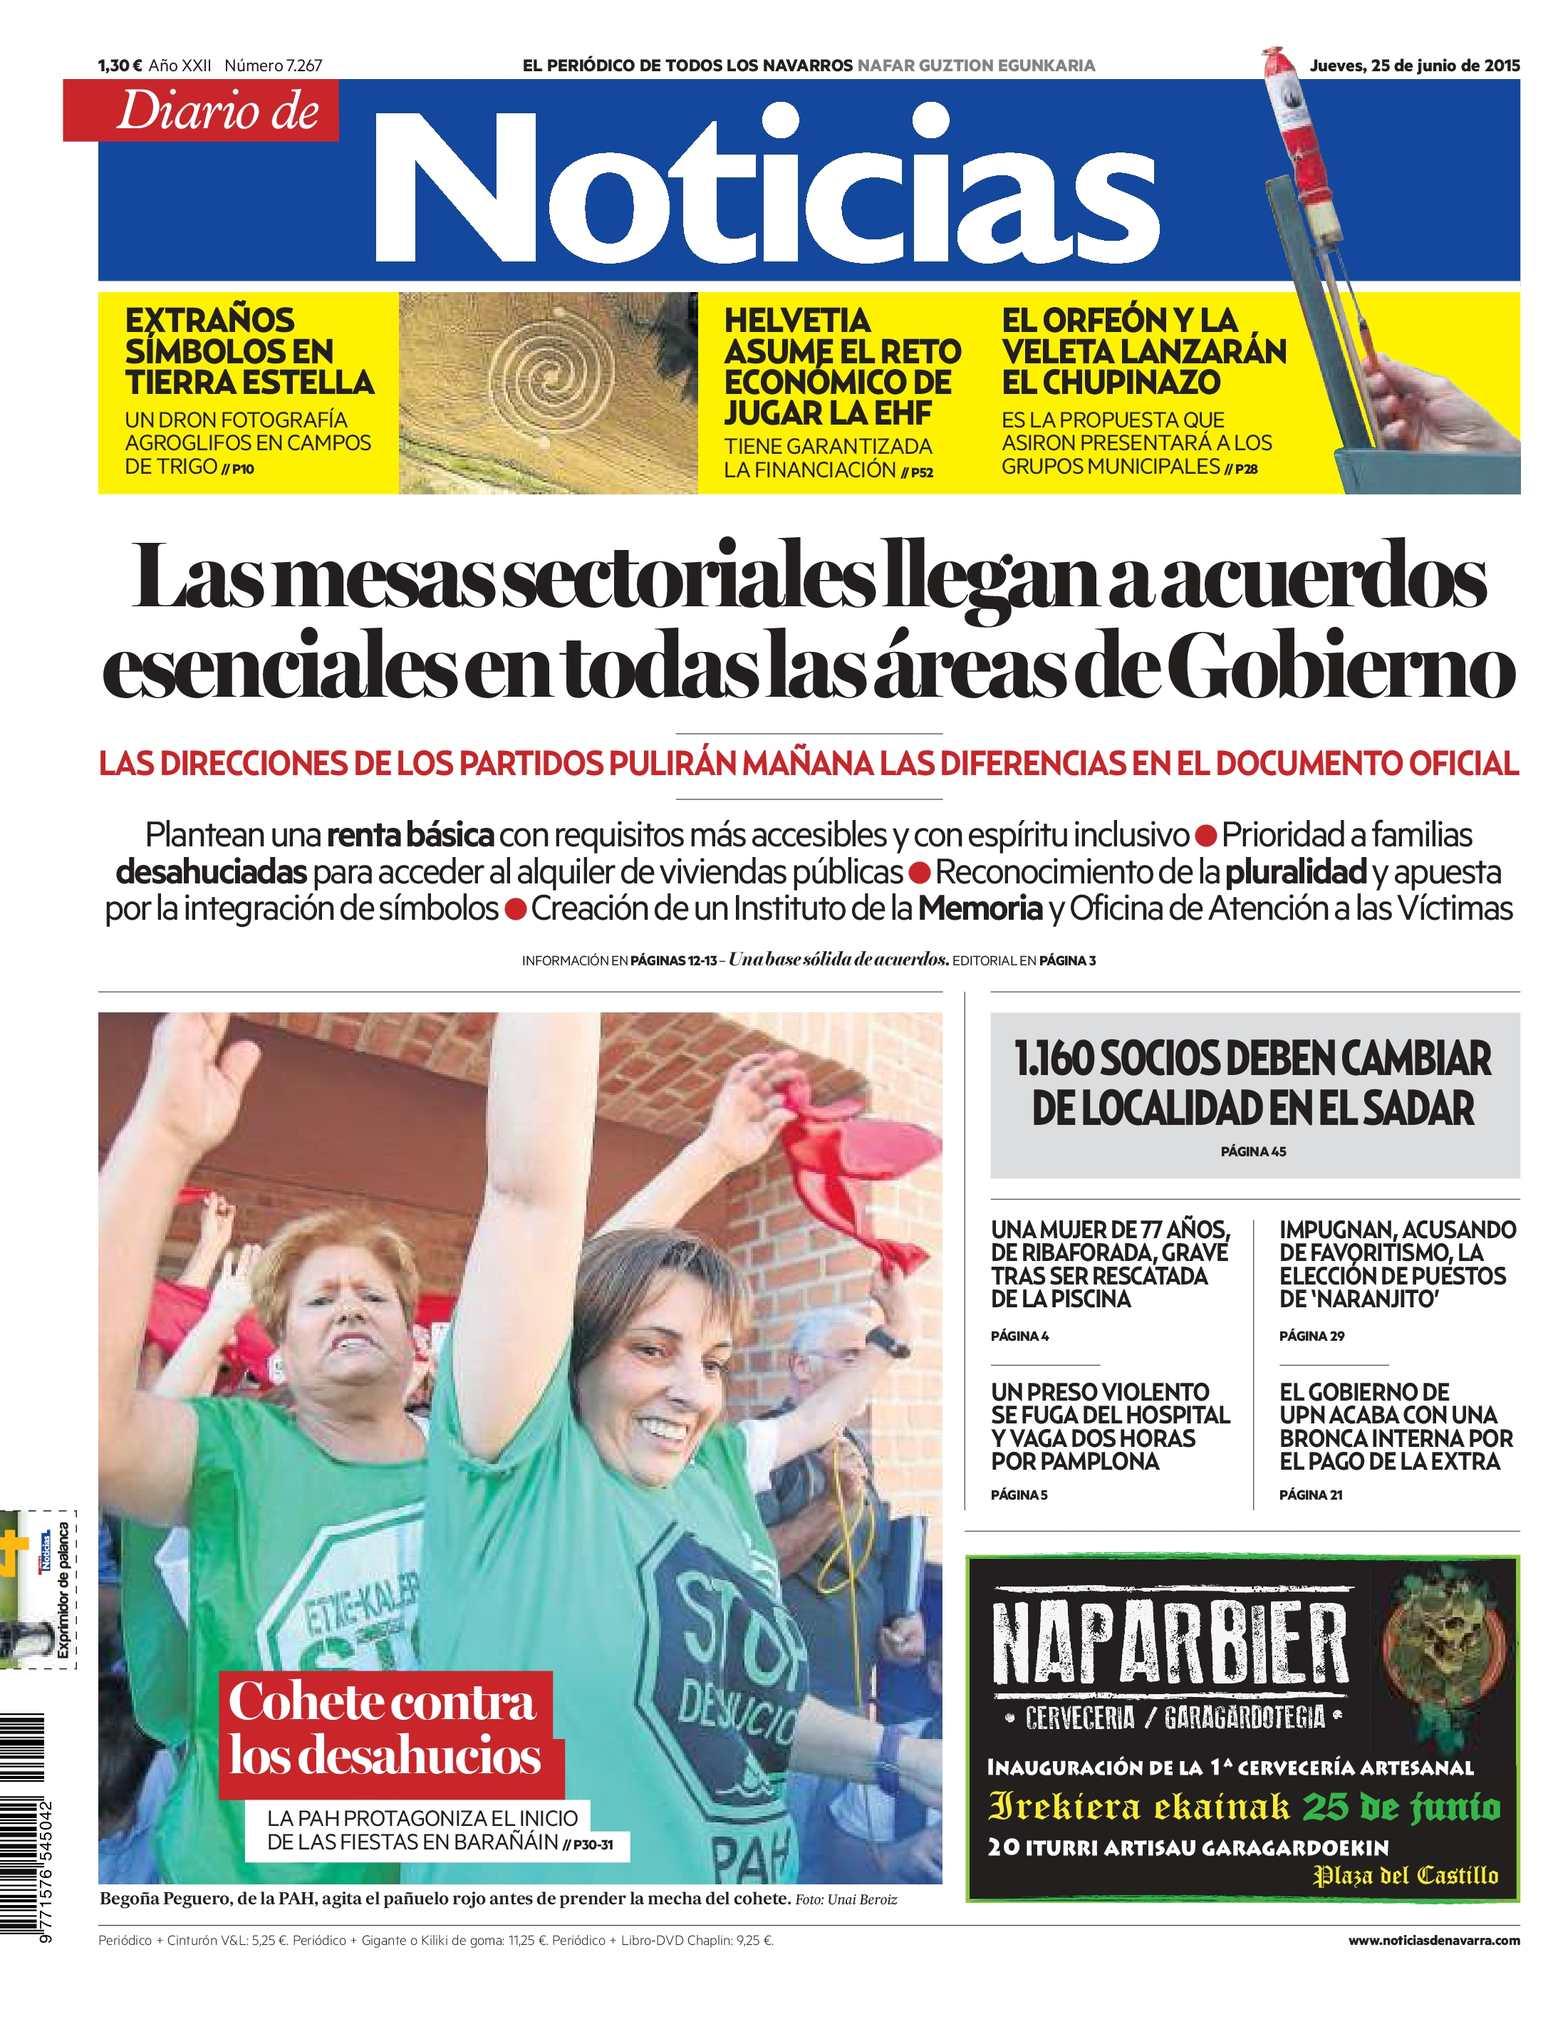 Calaméo - Diario de Noticias 20150625